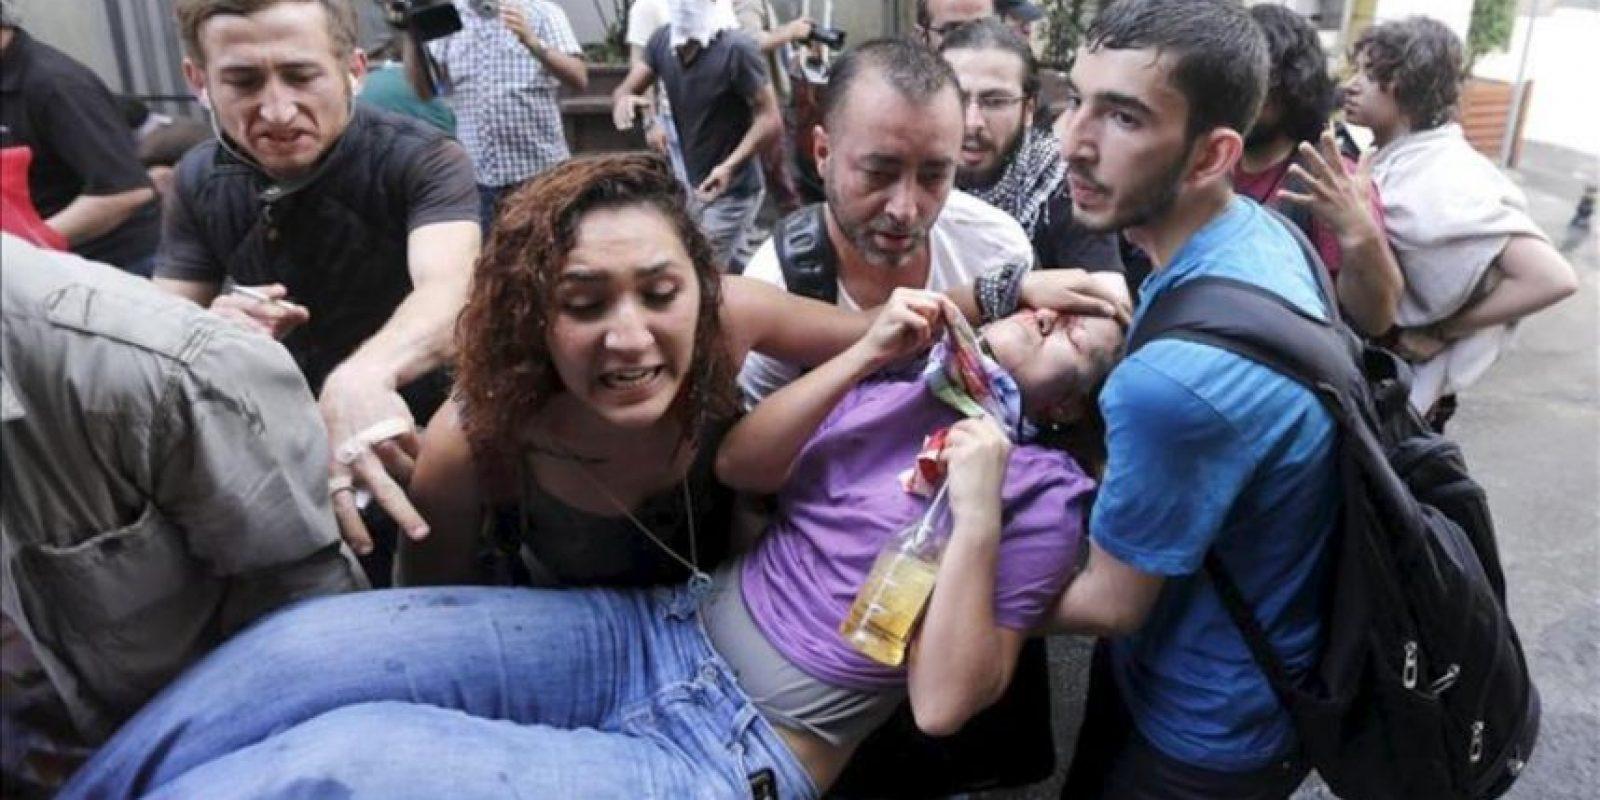 Una manifestante herida es evacuada por varios participantes durante una protesta contra la planeada construcción de un centro comercial en la Plaza Taksim, en Estambul, Turquía, hoy, viernes 31 de mayo de 2013. EFE